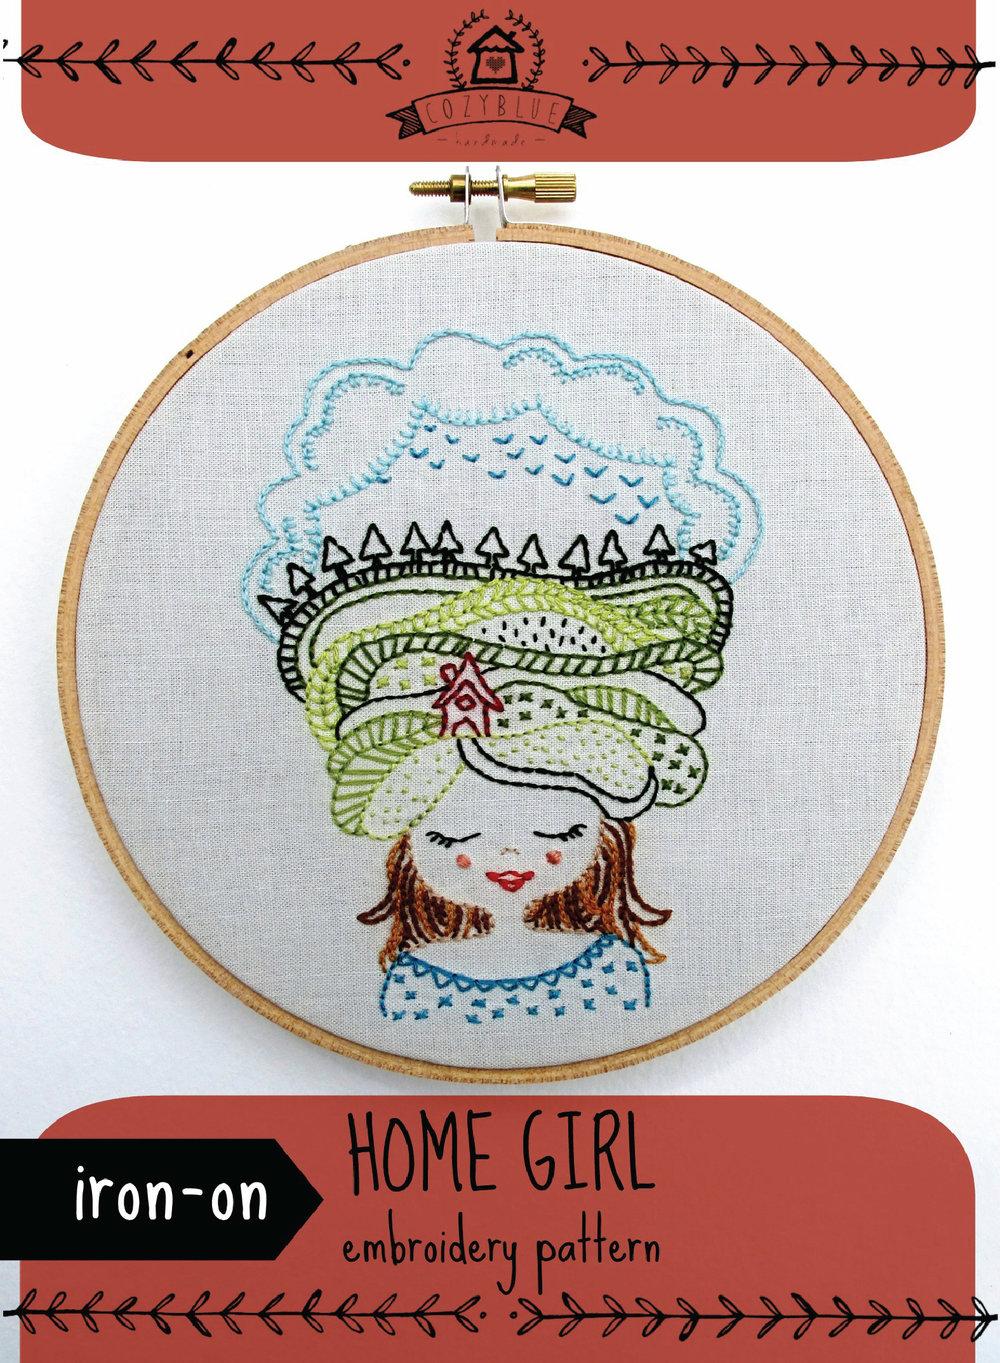 homegirlcard1bleed.jpg